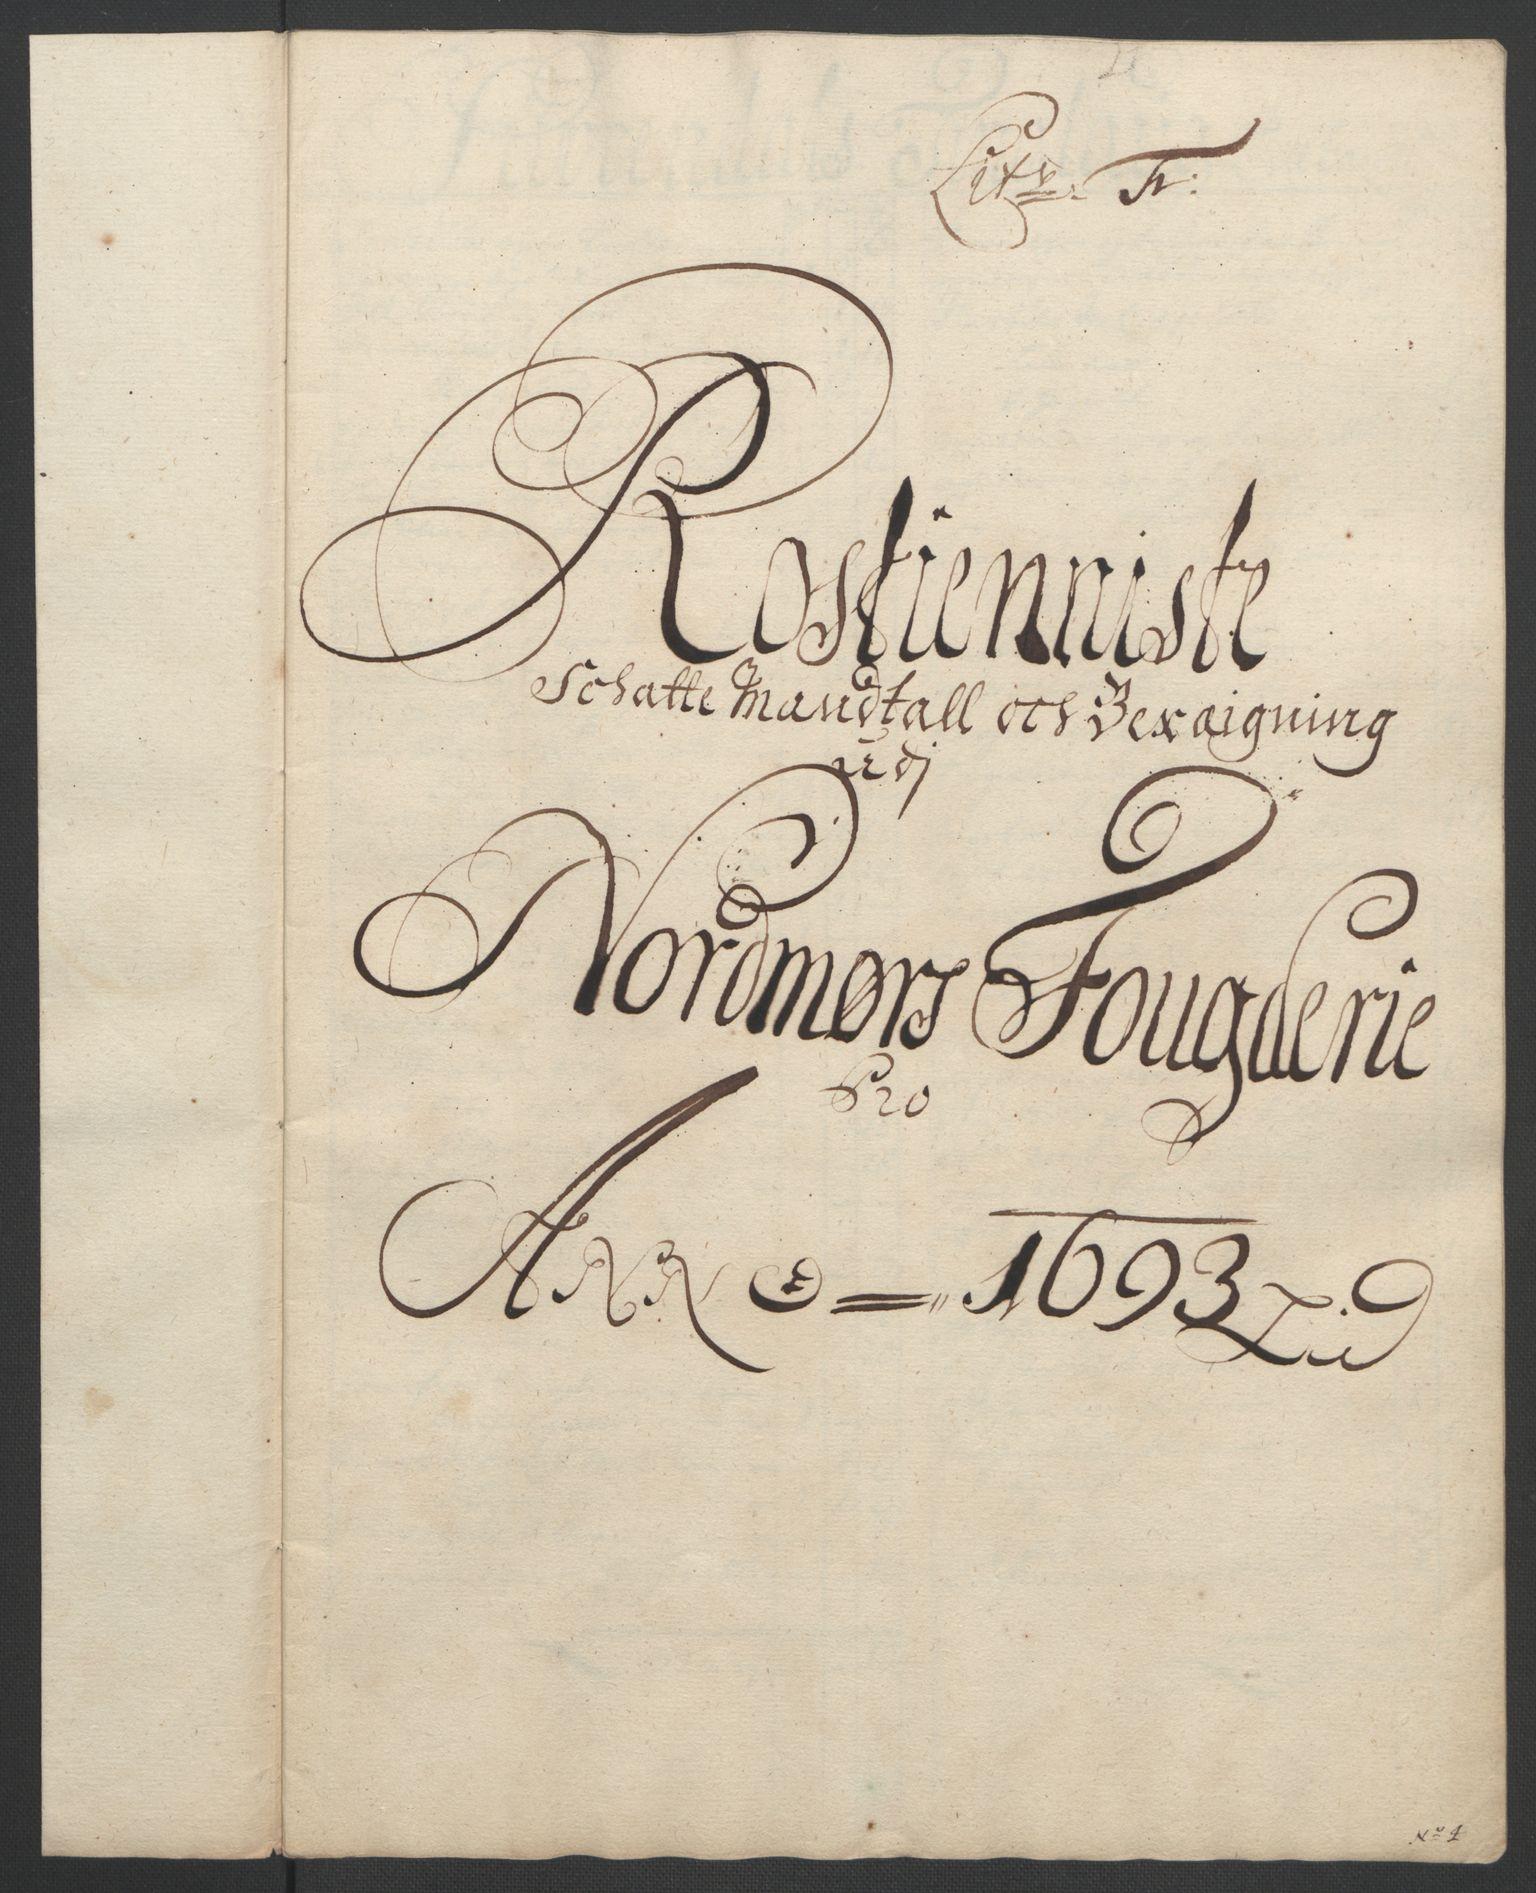 RA, Rentekammeret inntil 1814, Reviderte regnskaper, Fogderegnskap, R56/L3735: Fogderegnskap Nordmøre, 1692-1693, s. 353